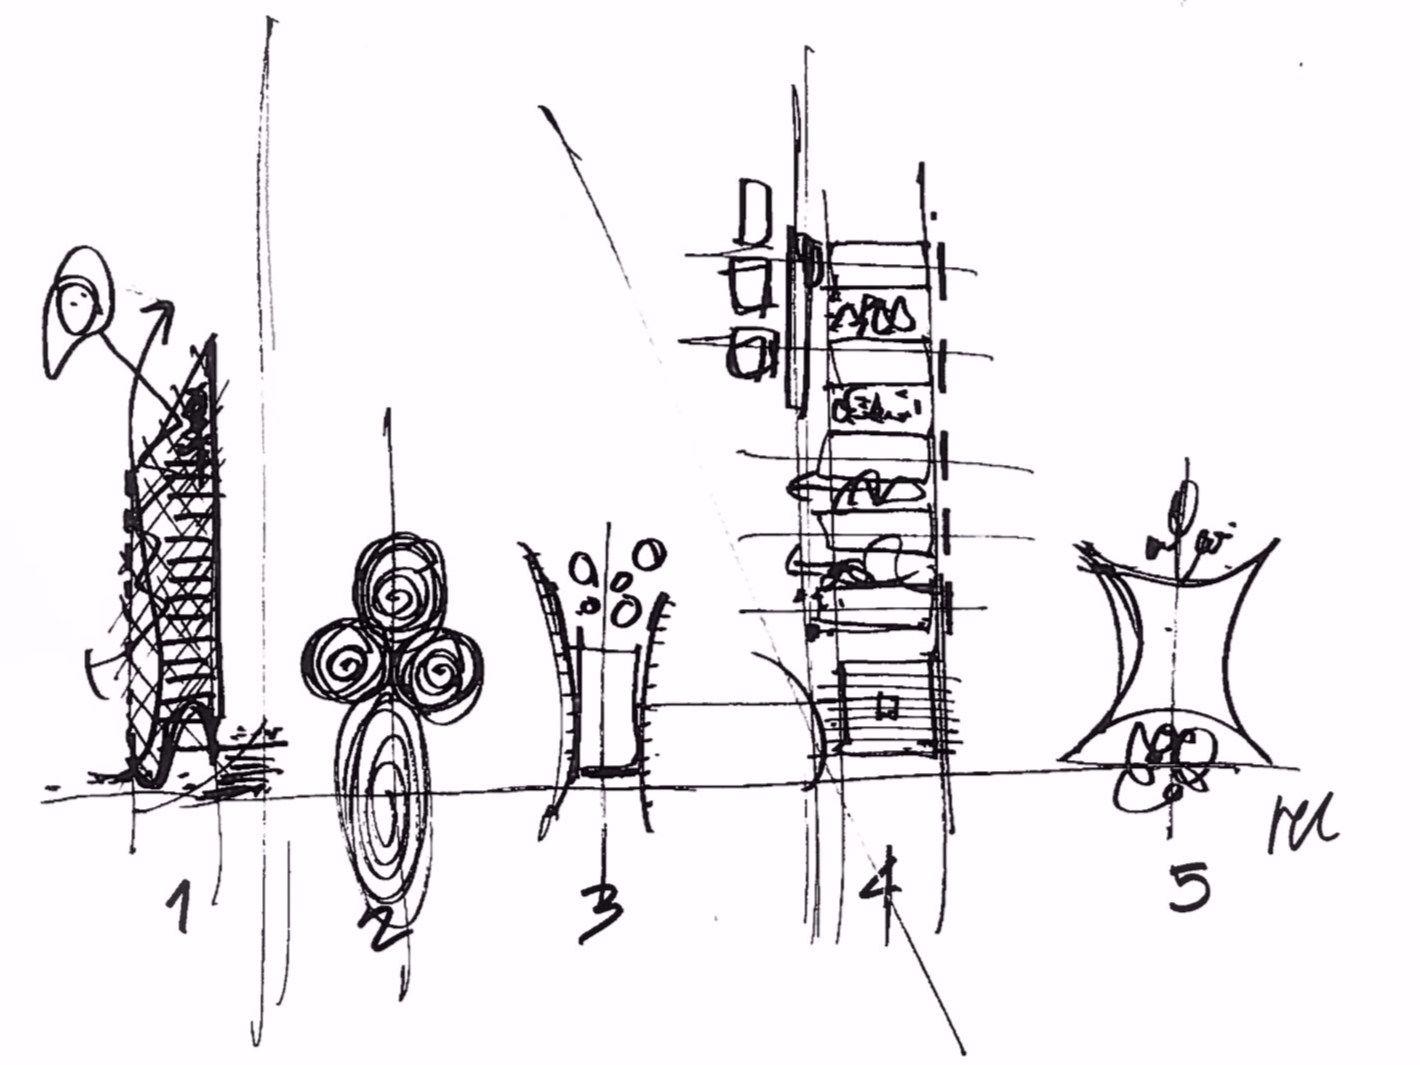 5 storie, 5 protagonisti, 5 cantieri di Mario Cucinella Architects